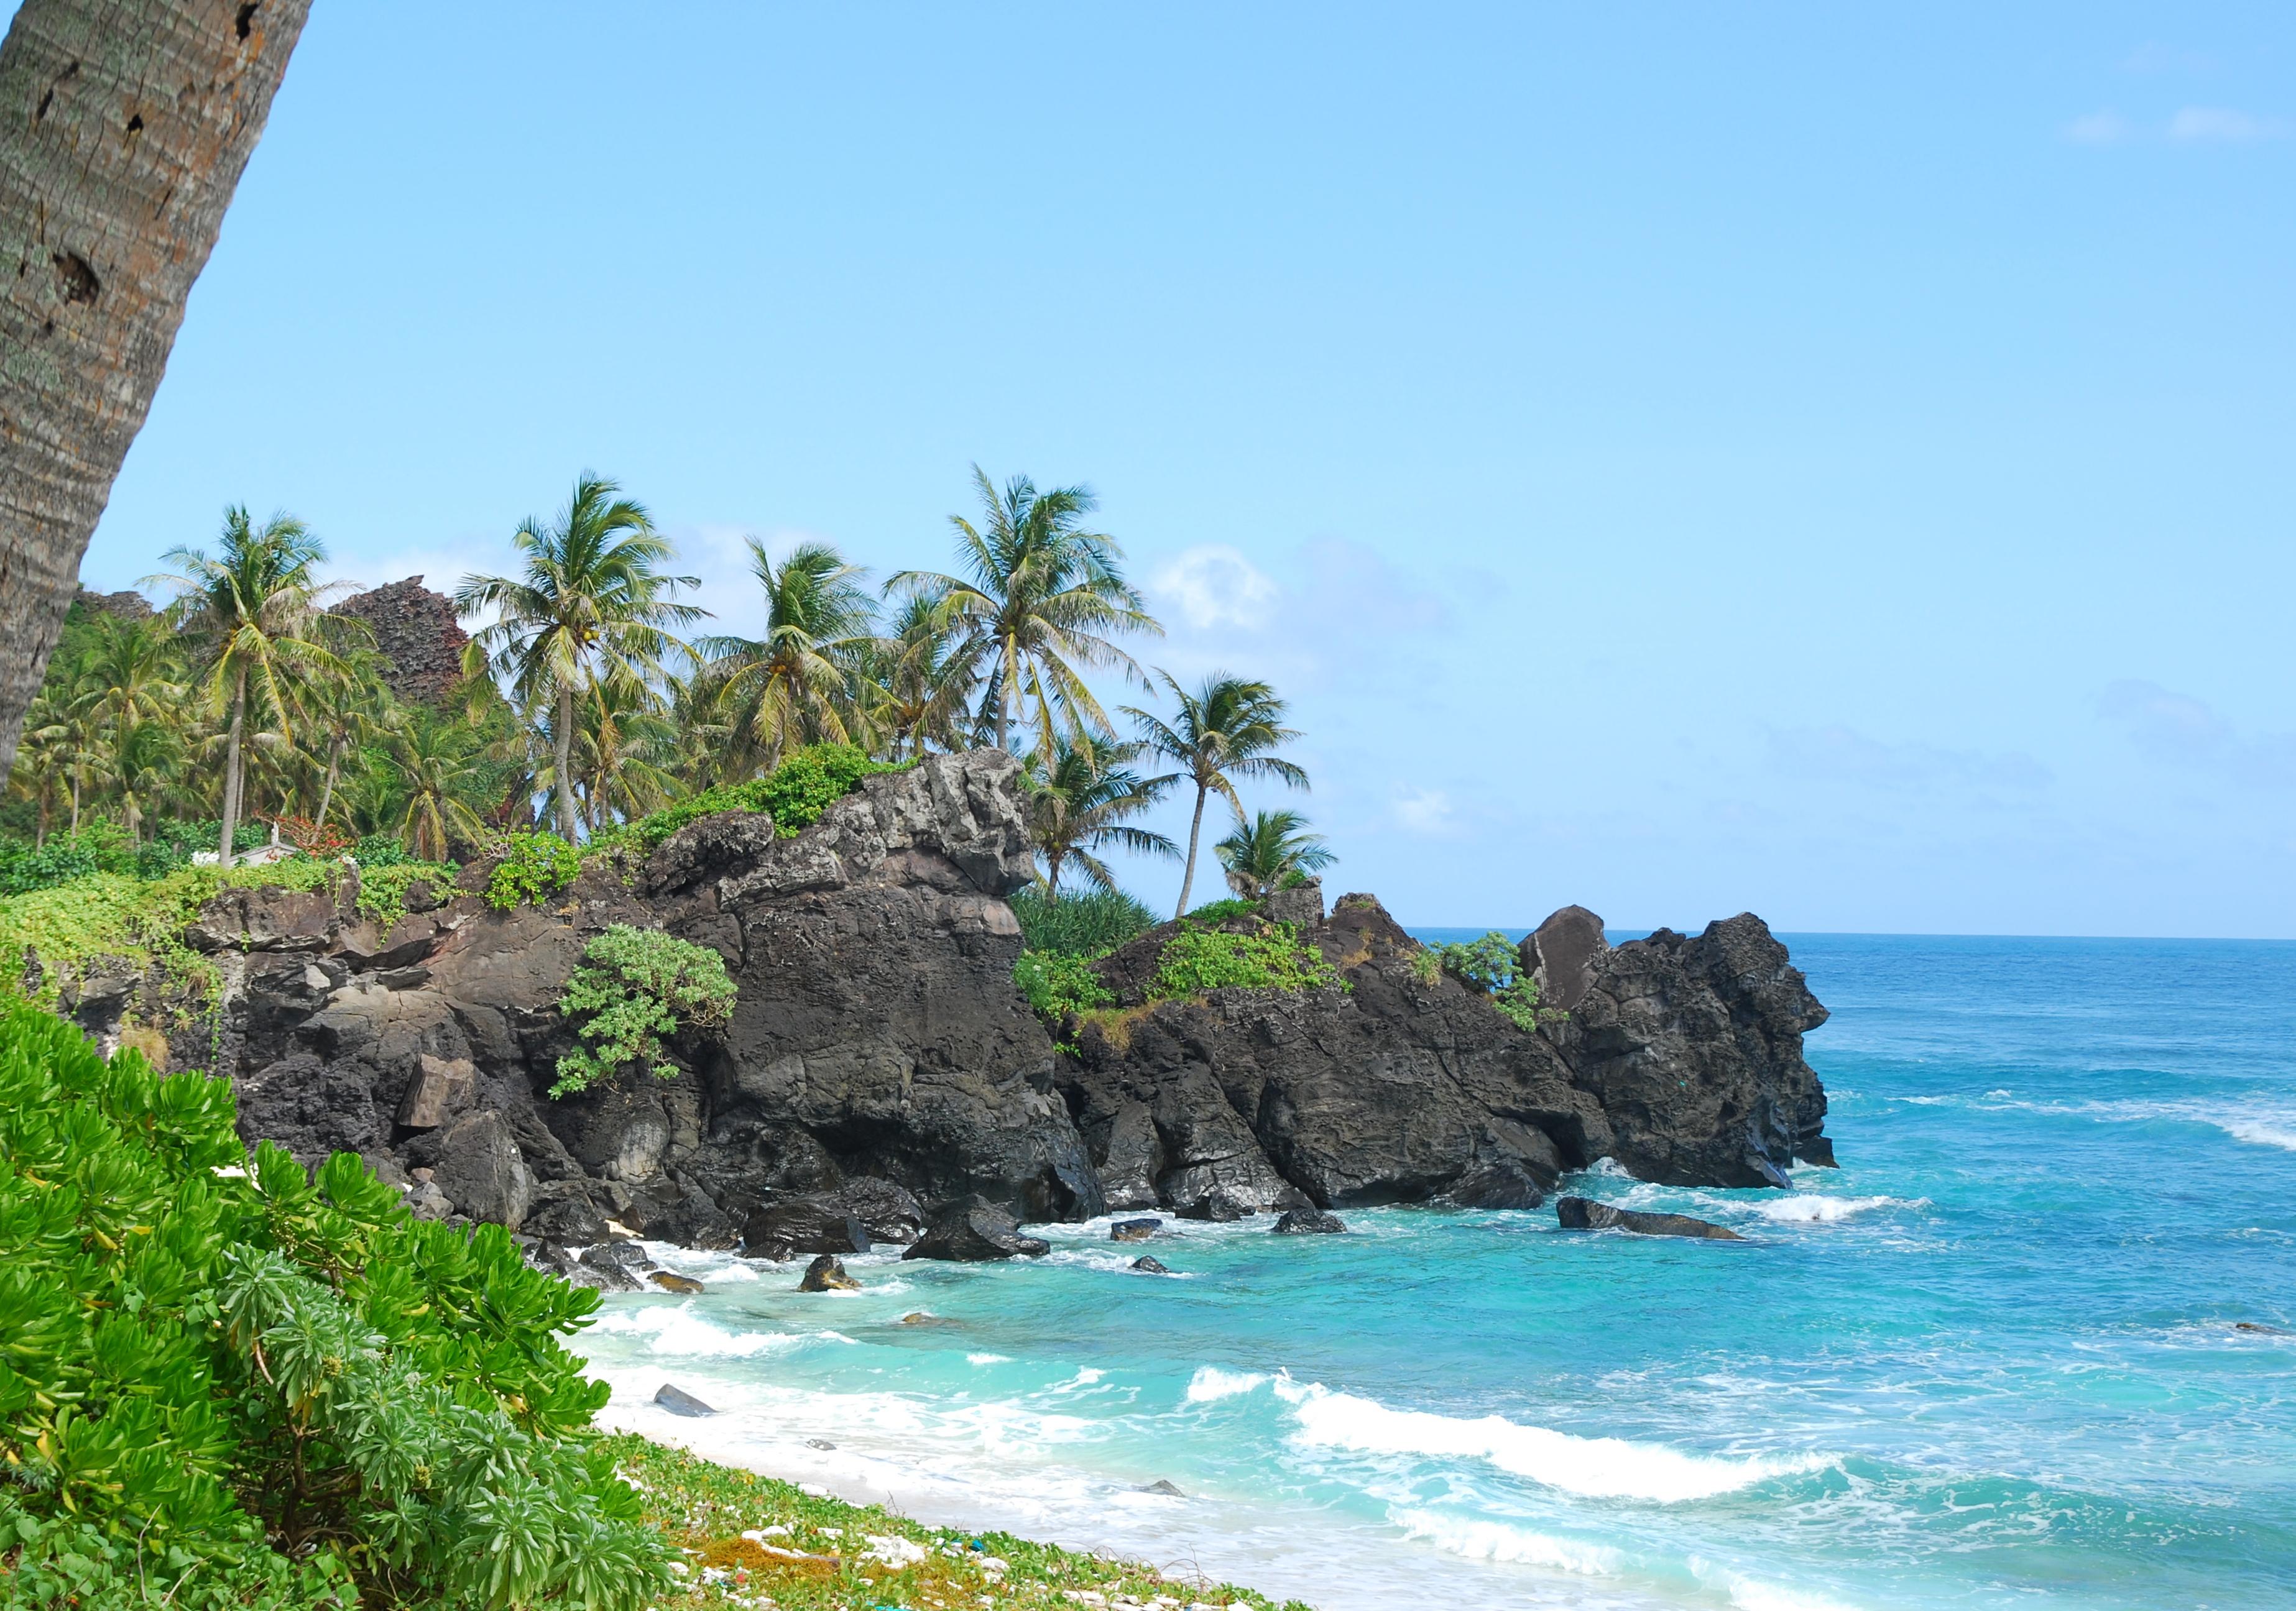 Khám phá Đảo Lý sơn ( Quảng ngãi)